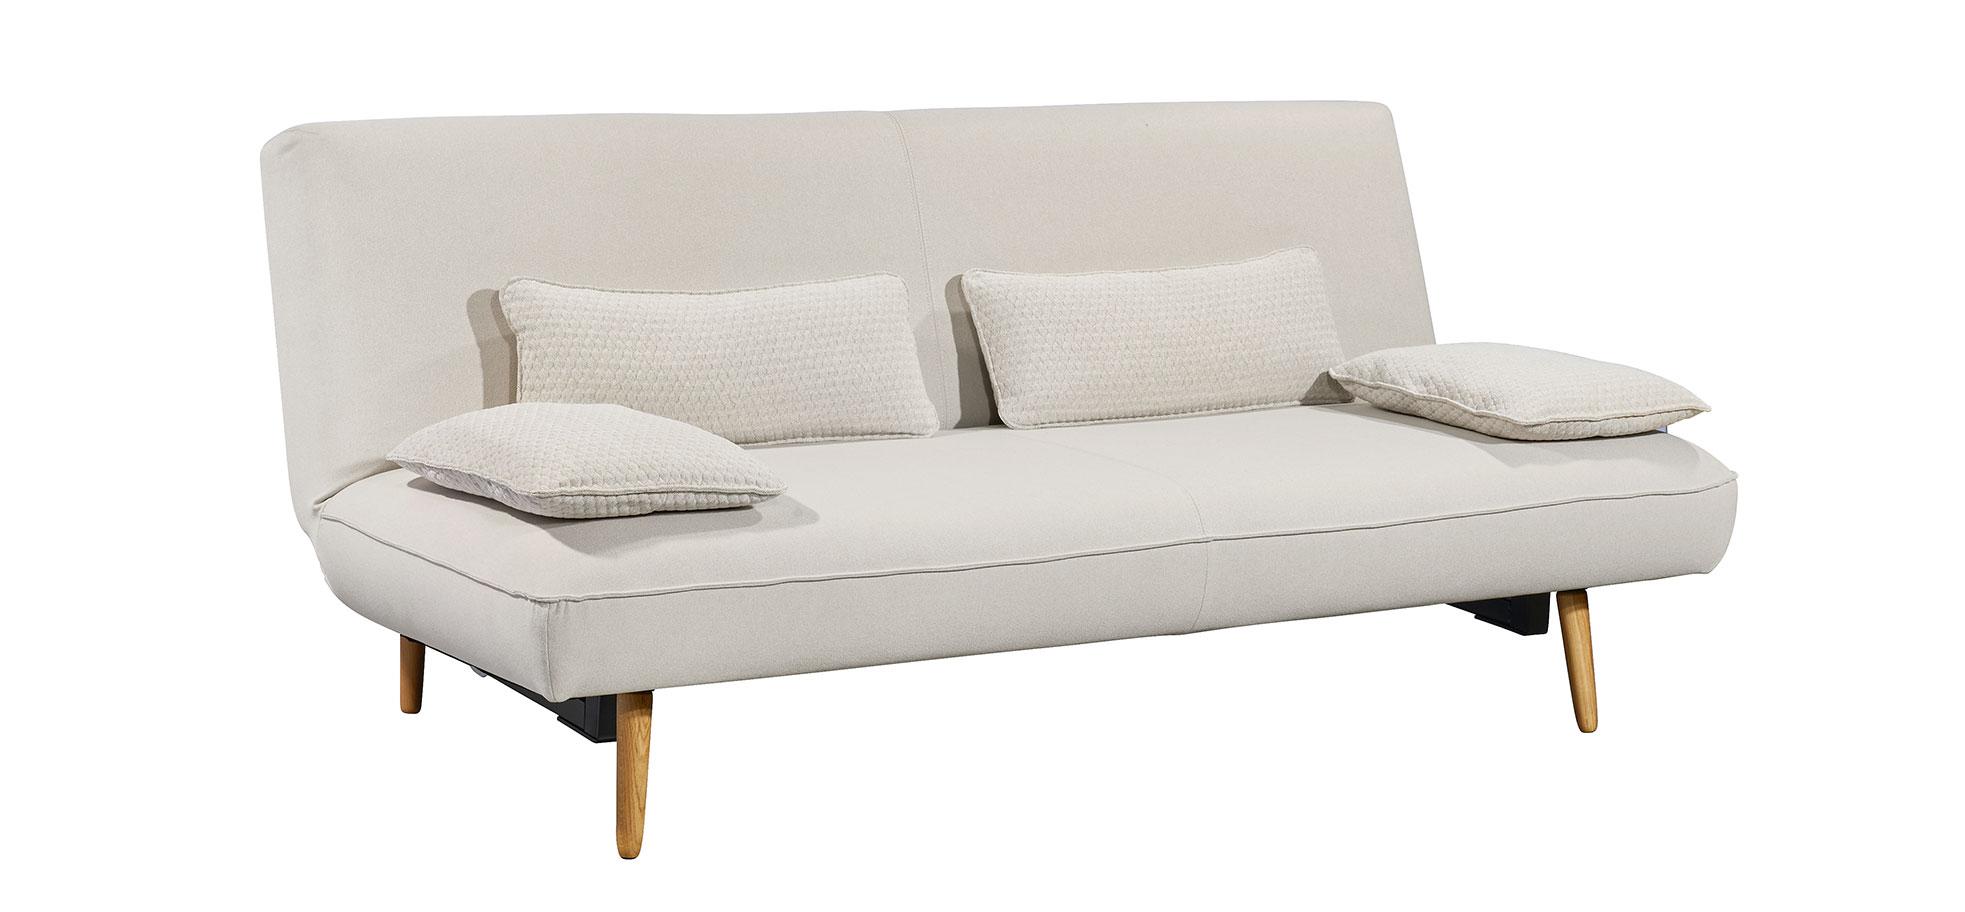 Modernes Schlafsofa Musterring MR 880 in Stoff weiß mit Schlaffunktion